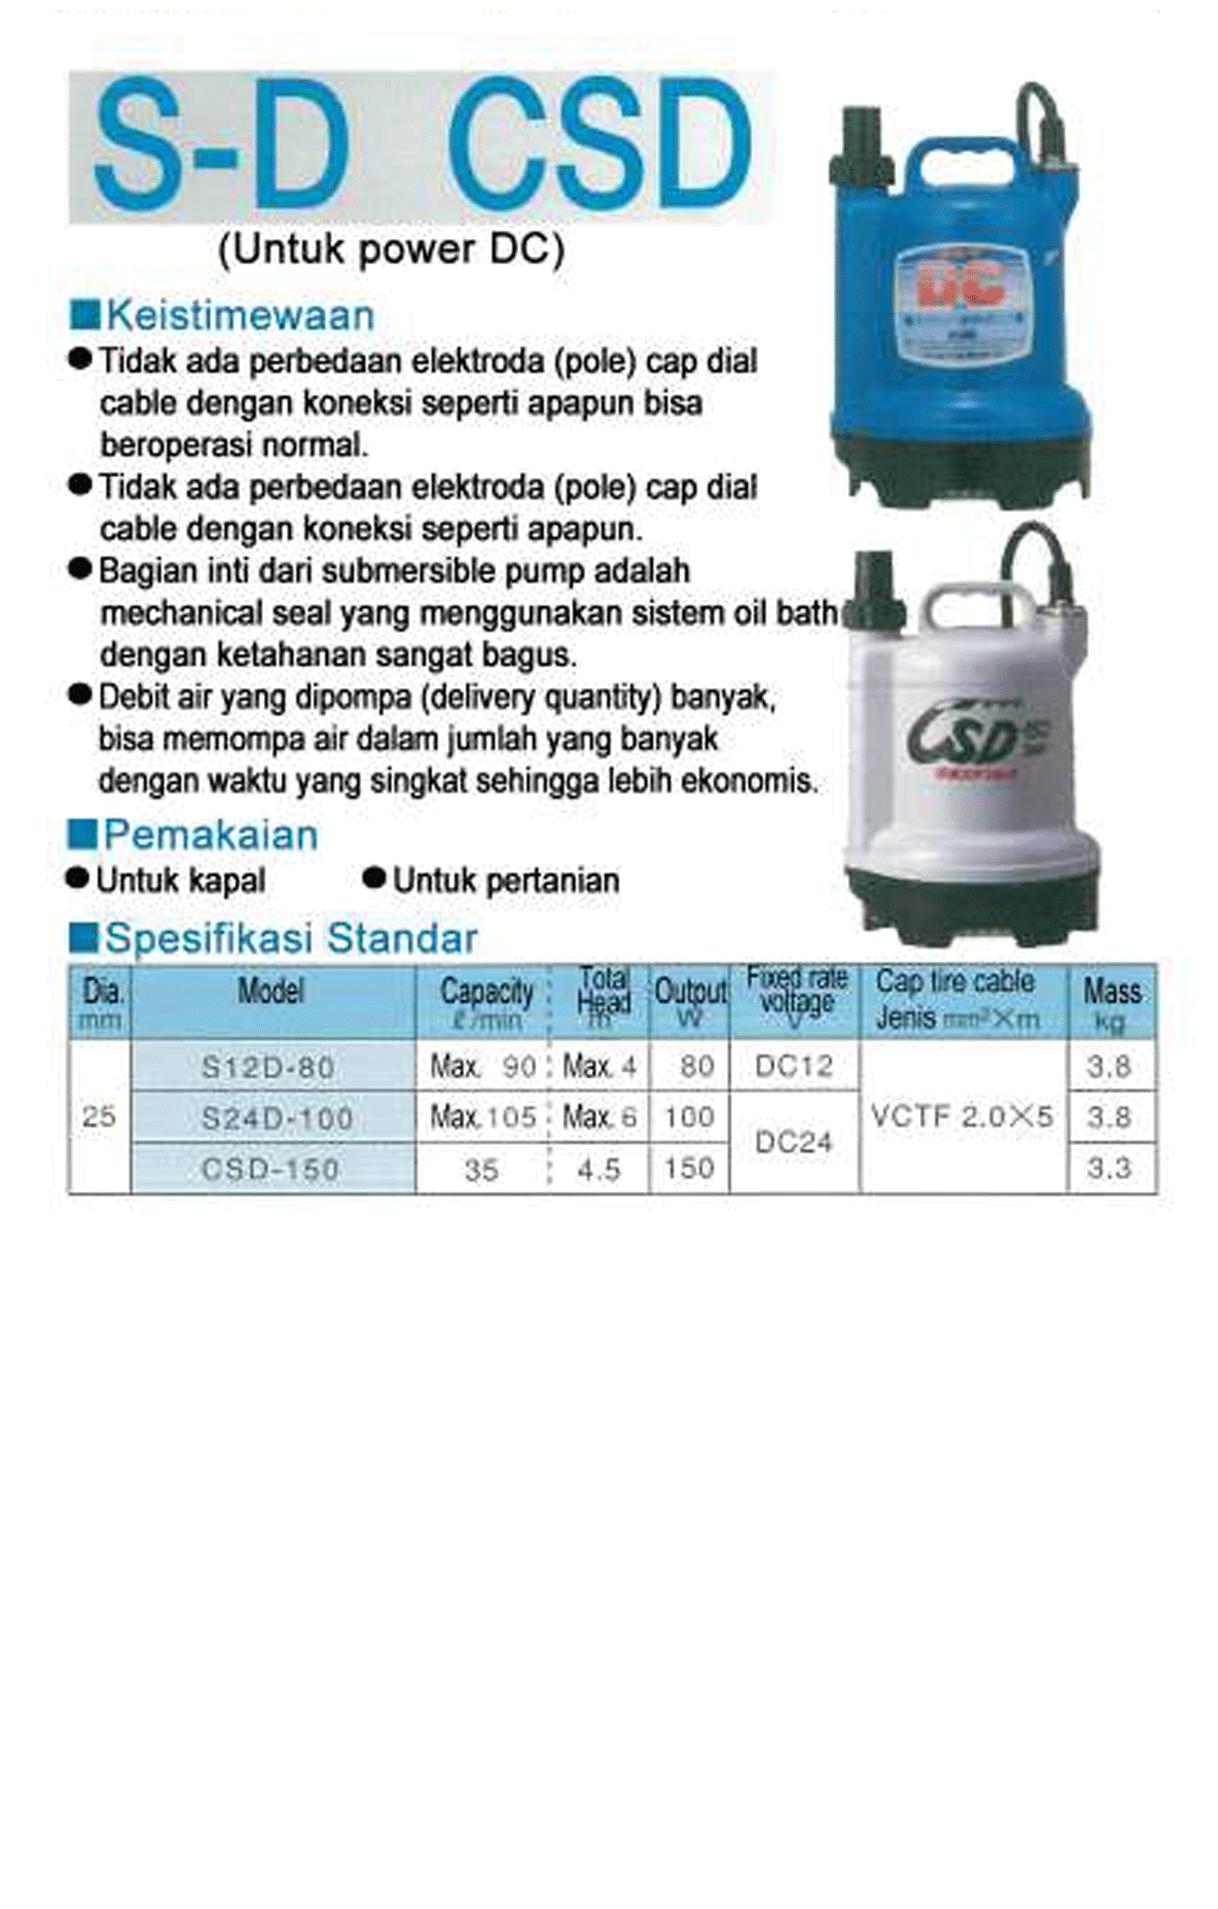 Test Pump S-D CSD